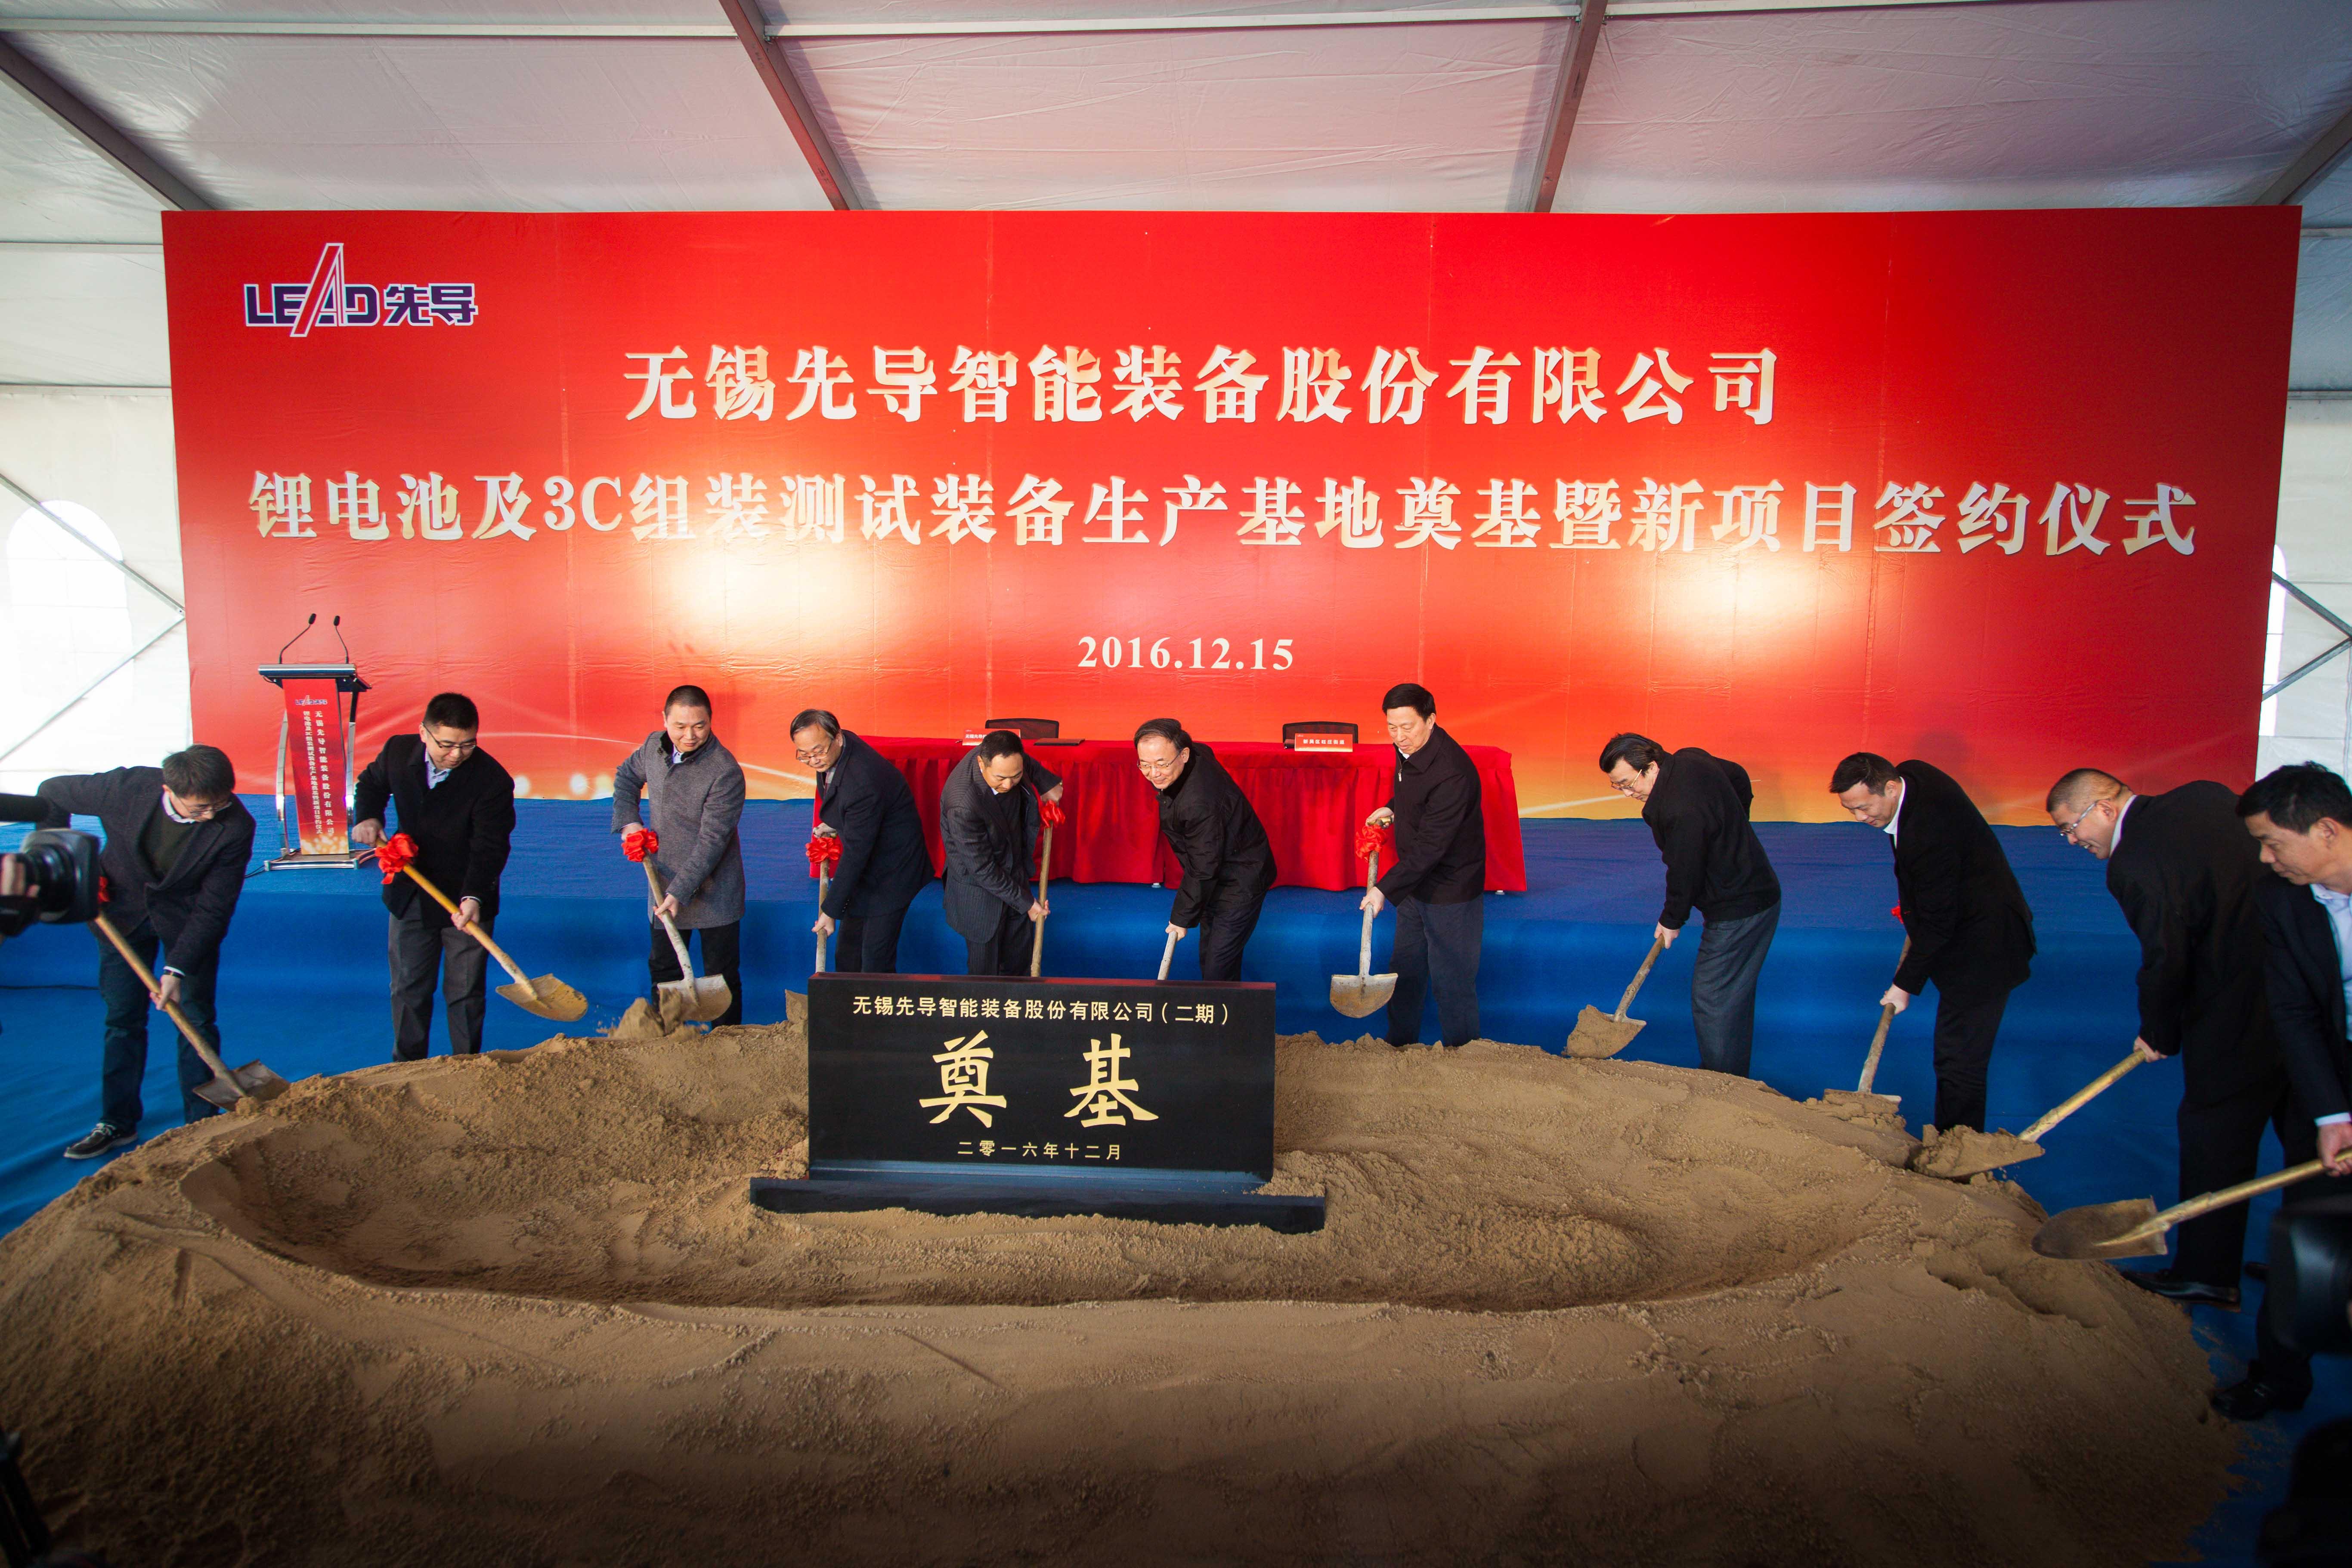 无锡先导锂电池及3C高端智能装备生产基地奠基 总投资10亿元